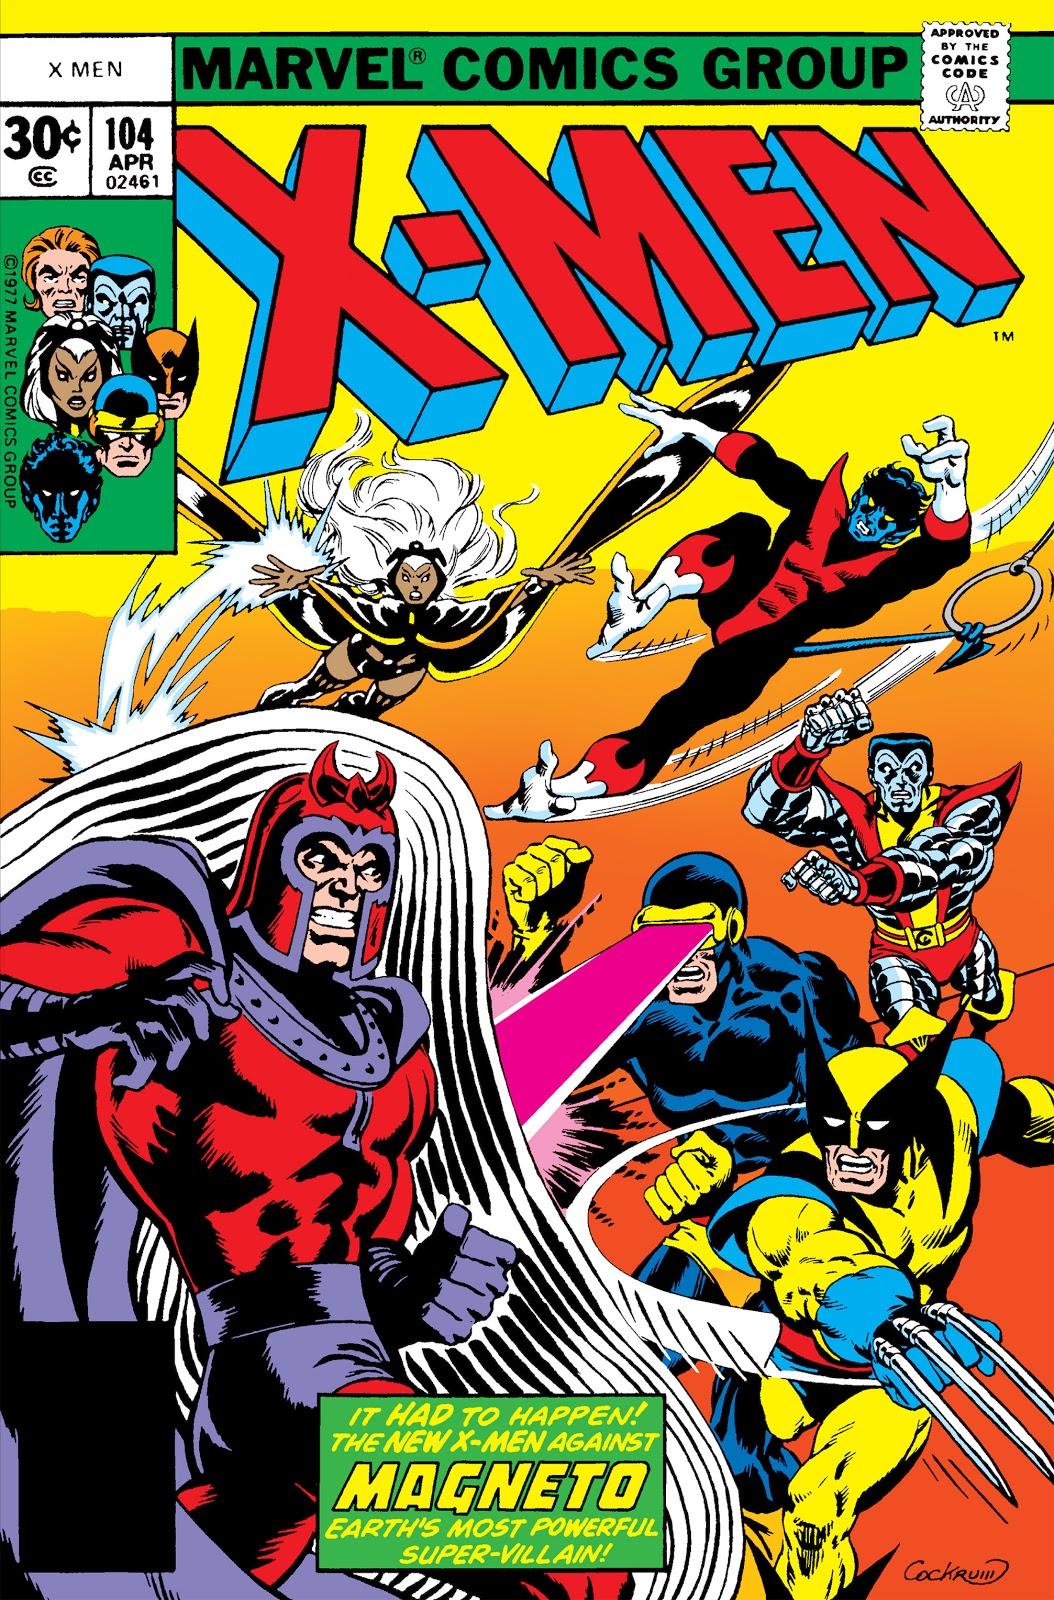 X-Men Vol 1 104